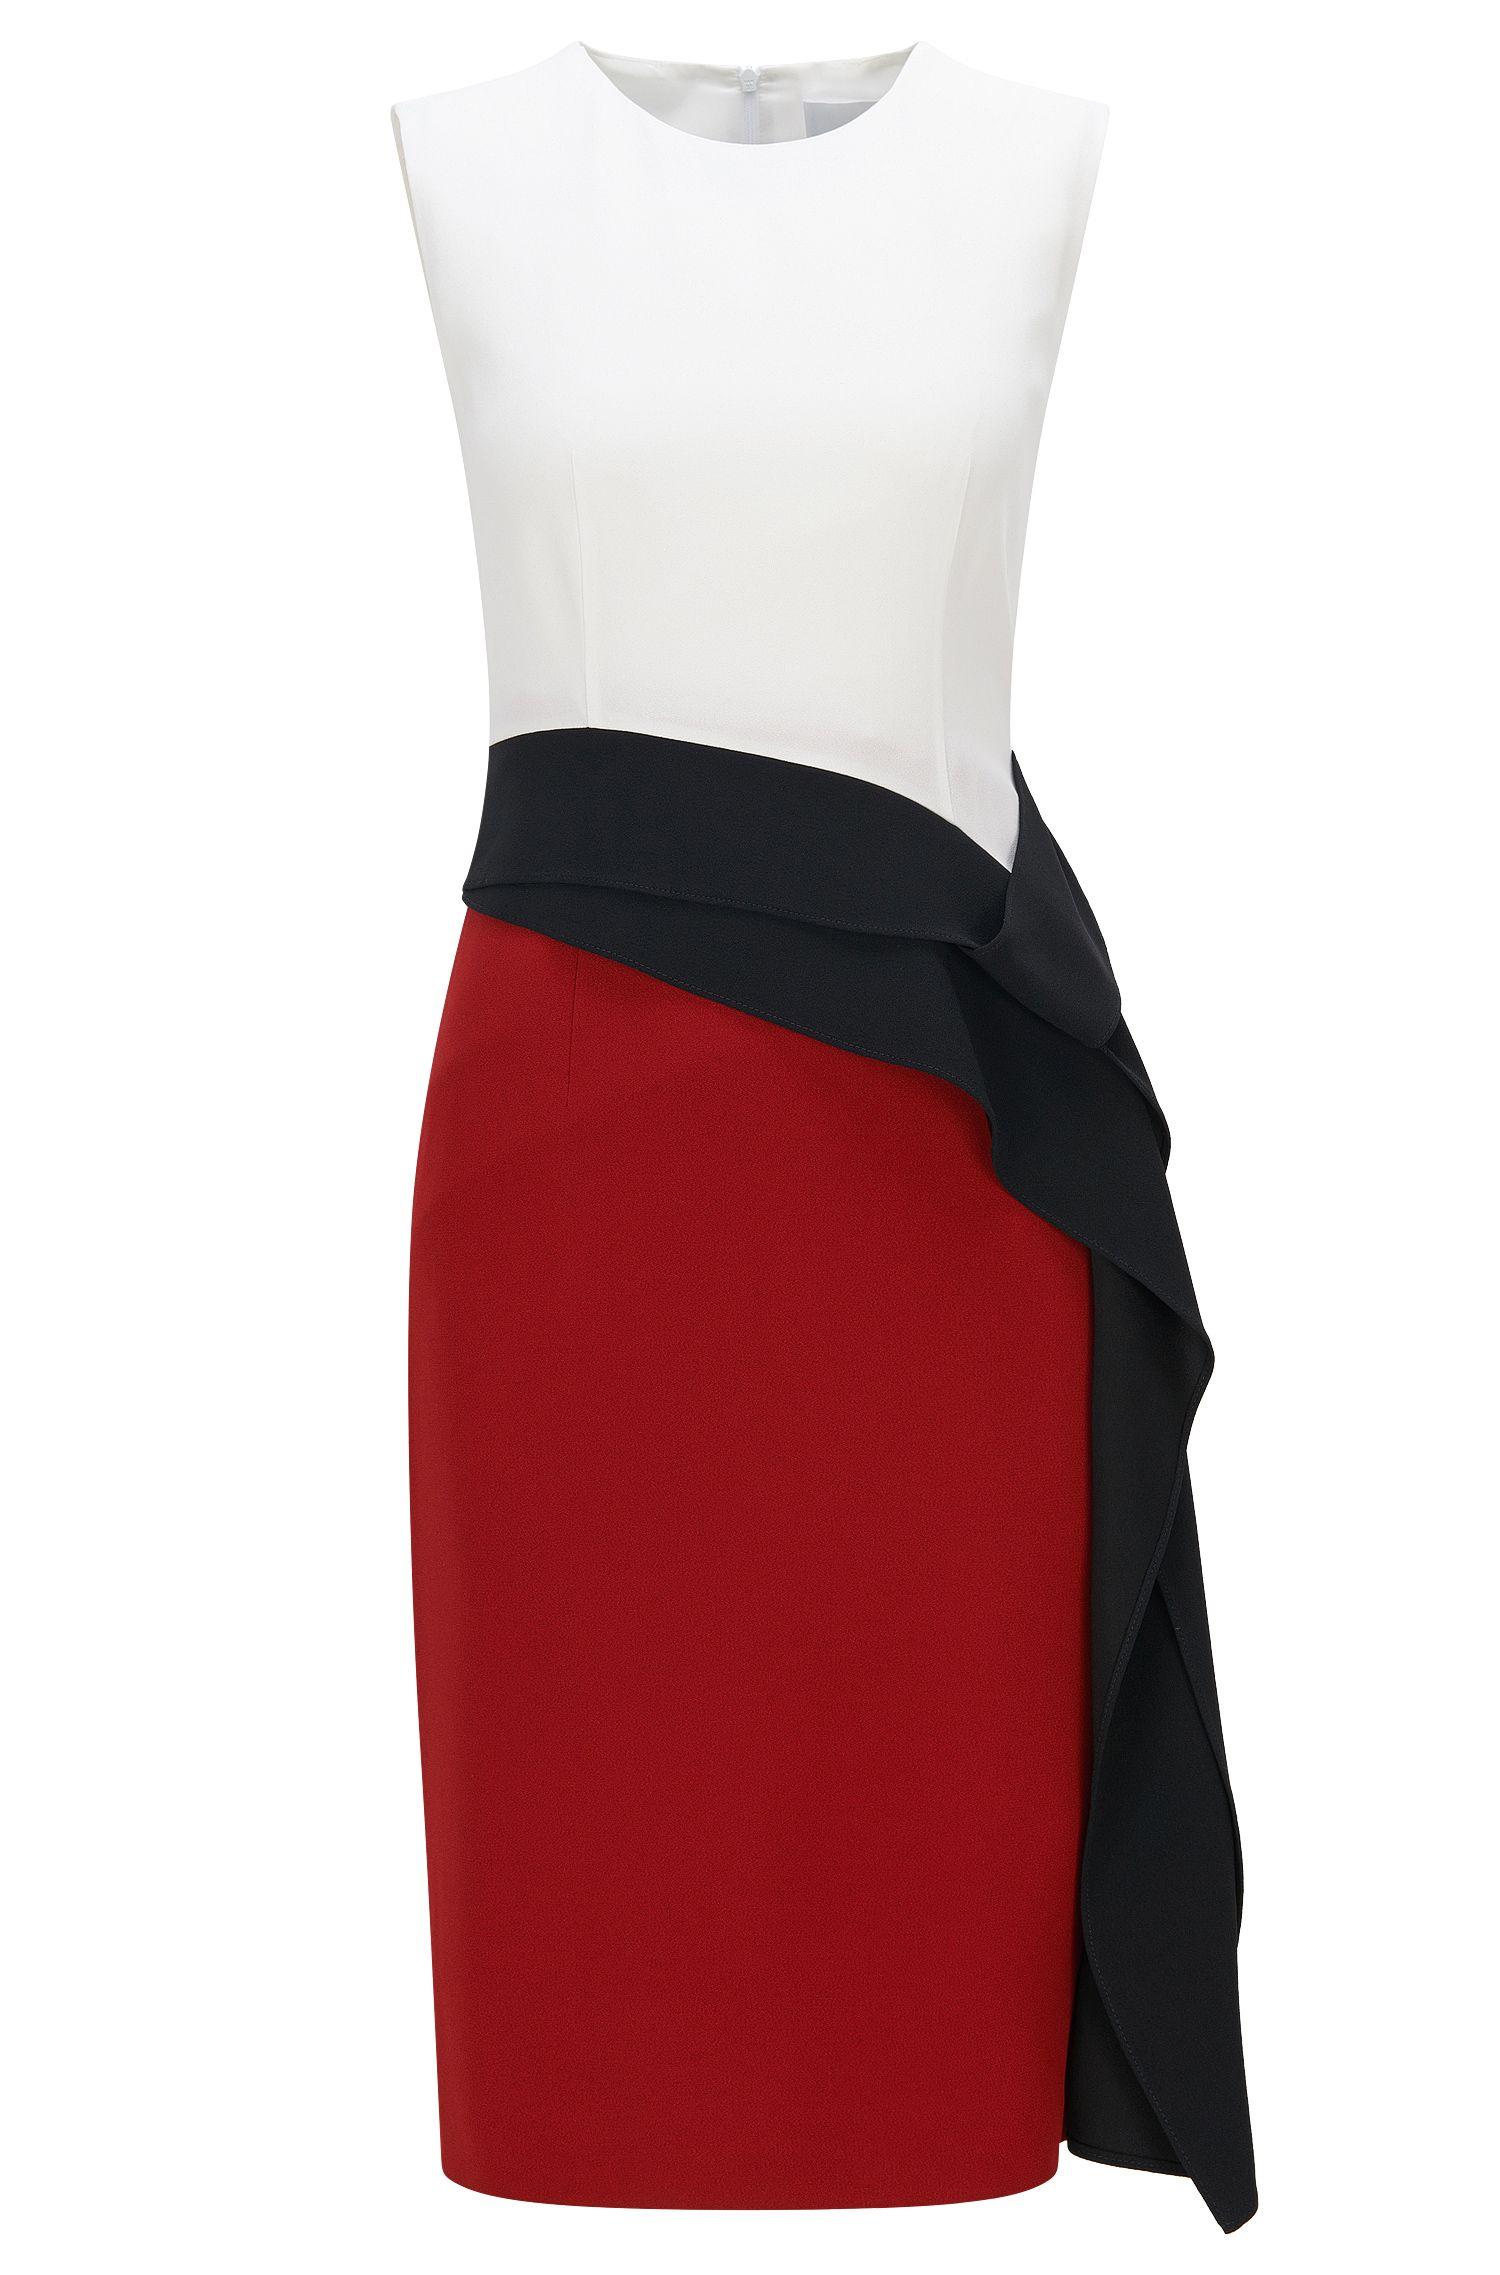 Vestido recto slim fit con detalle de cinta drapeada